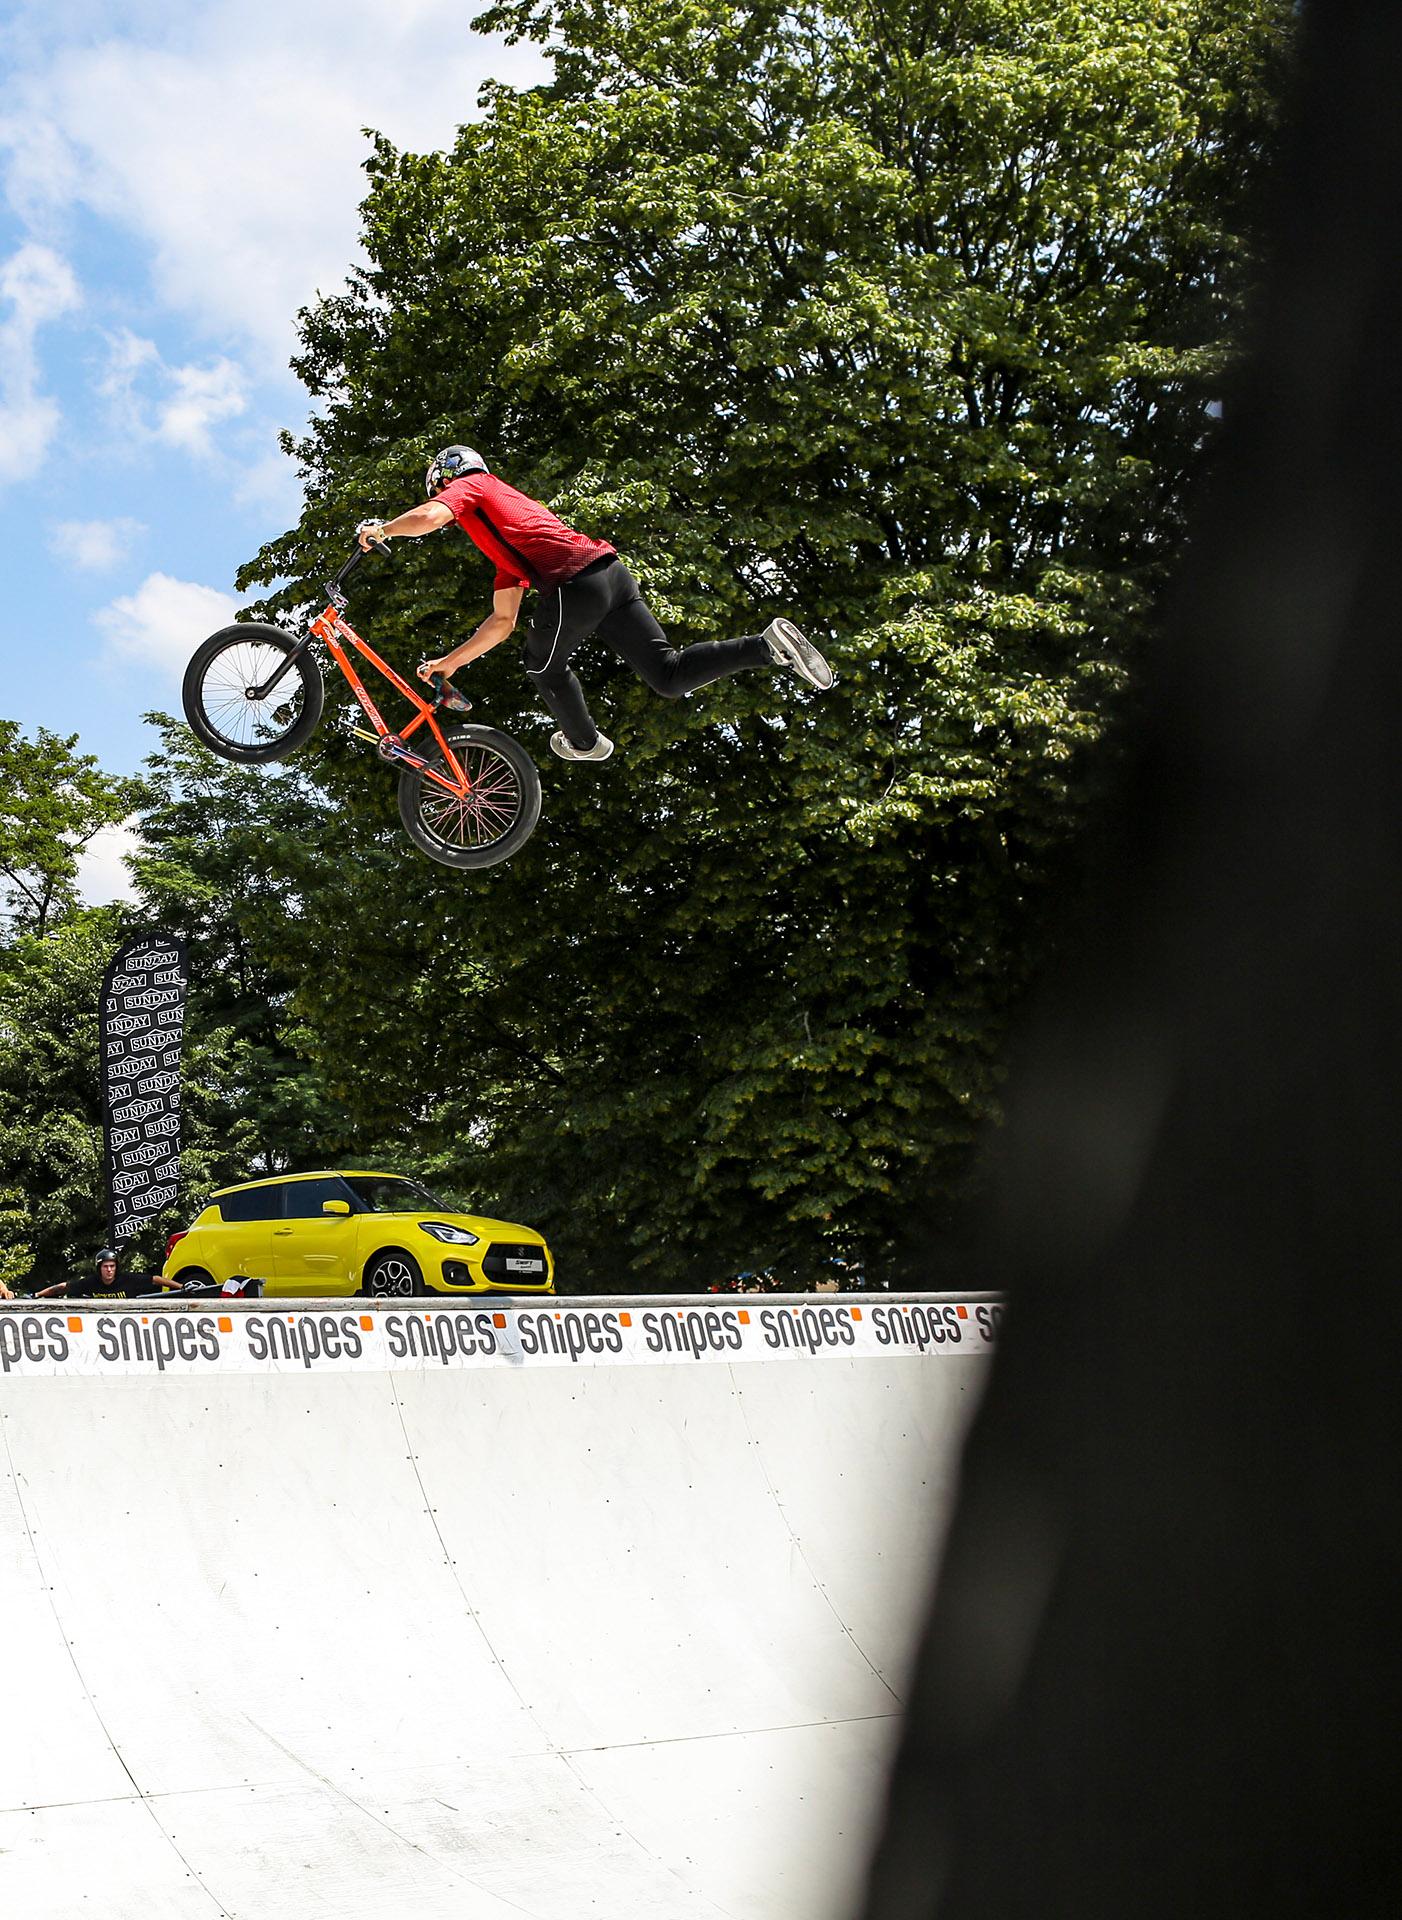 Sener Altintas ist seit einiger Zeit auf so ziemlich jedem Contest in Deutschland anzutreffen und war natürlich auch bei den BMX Worlds in Köln dabei